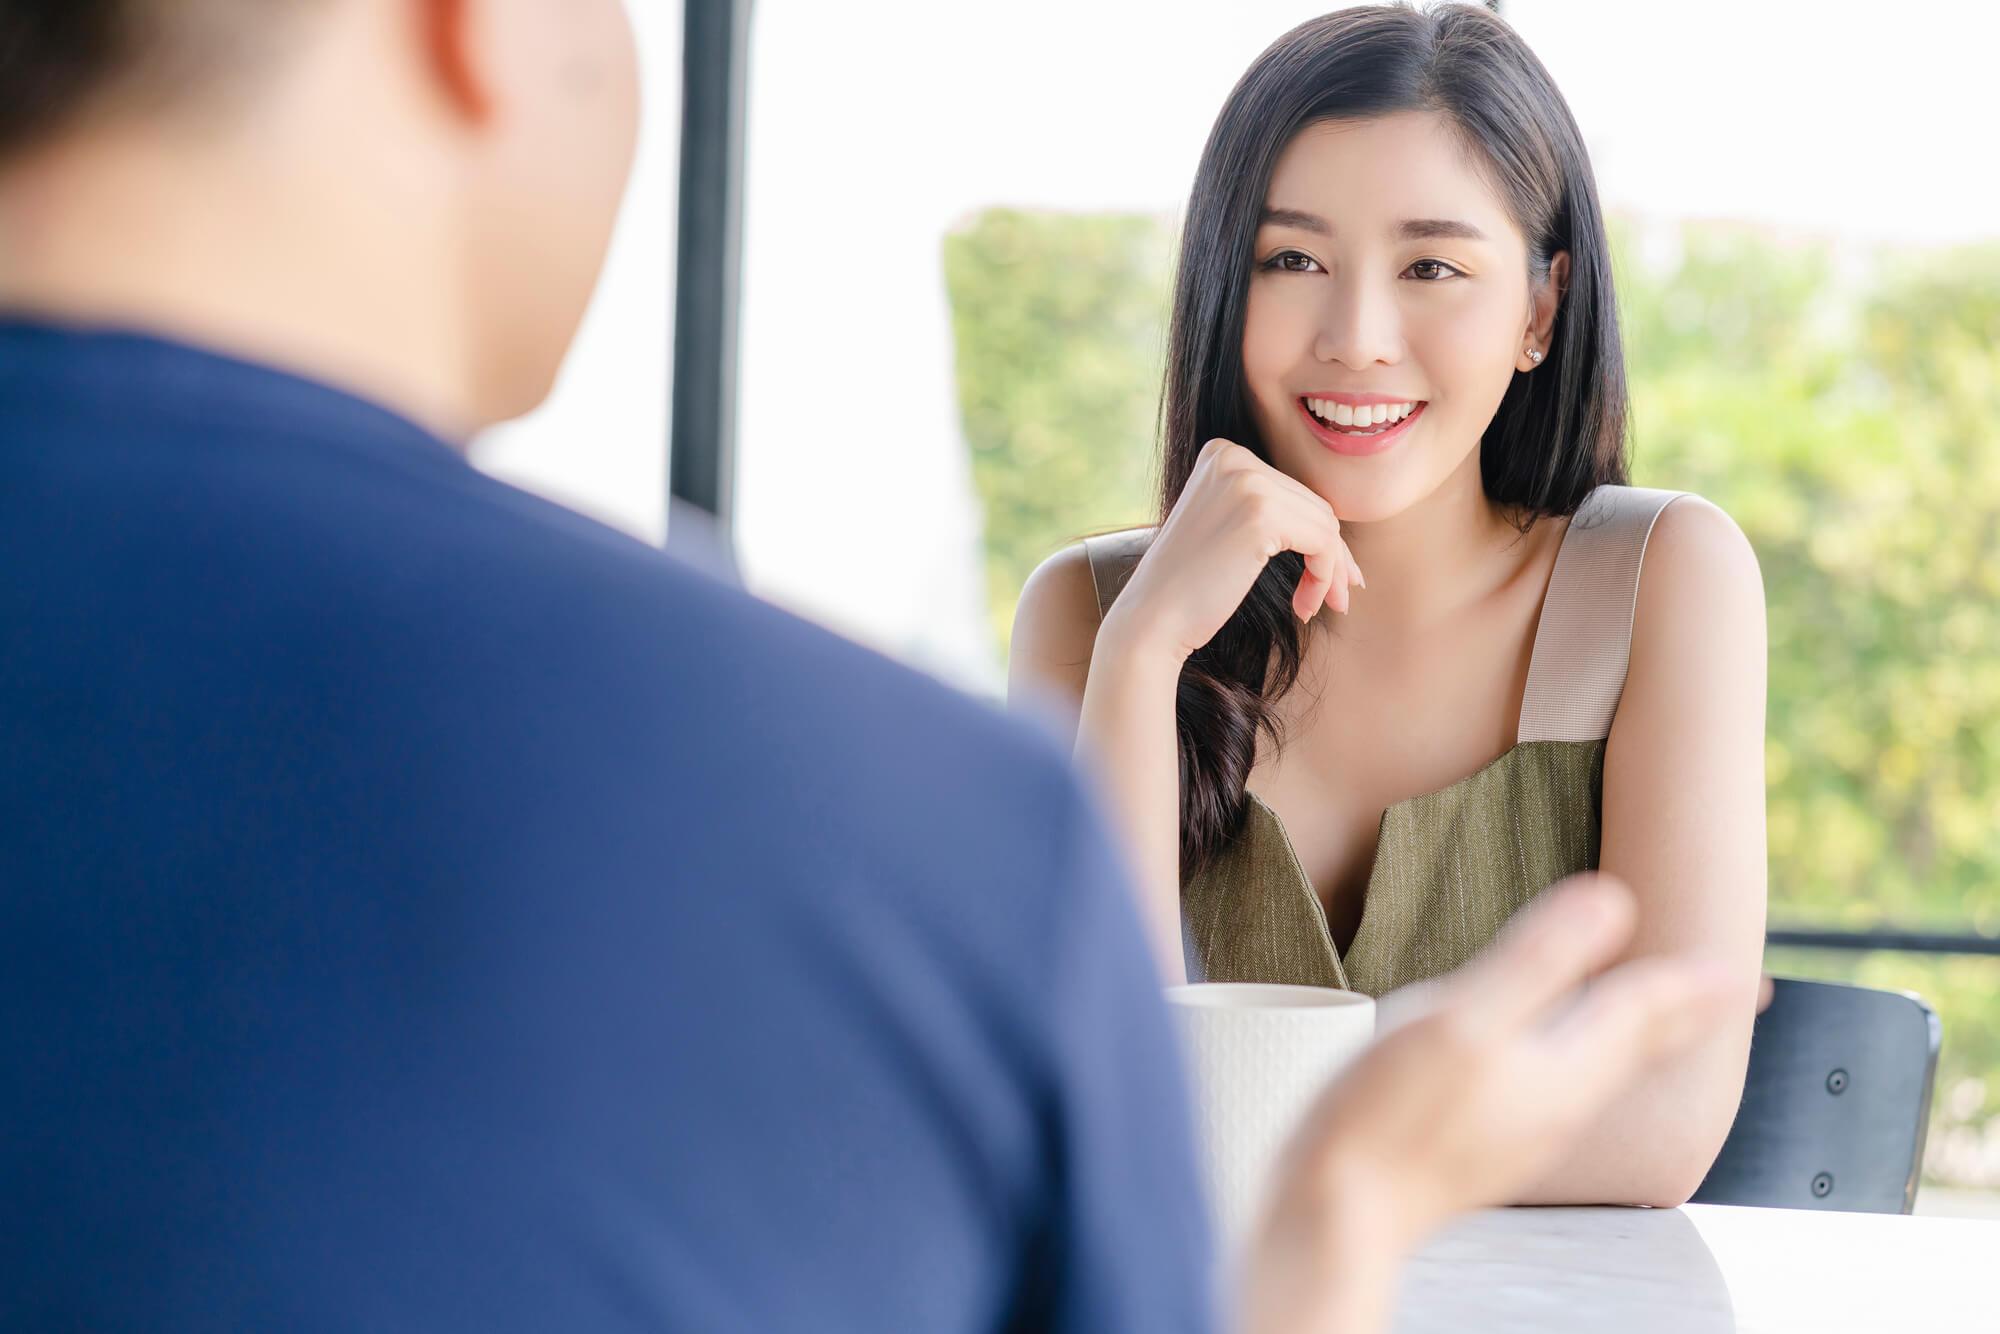 カウンセリングで恋愛のアドバイスを受け、素敵なパートナーと出会うことができたクライアントの女性